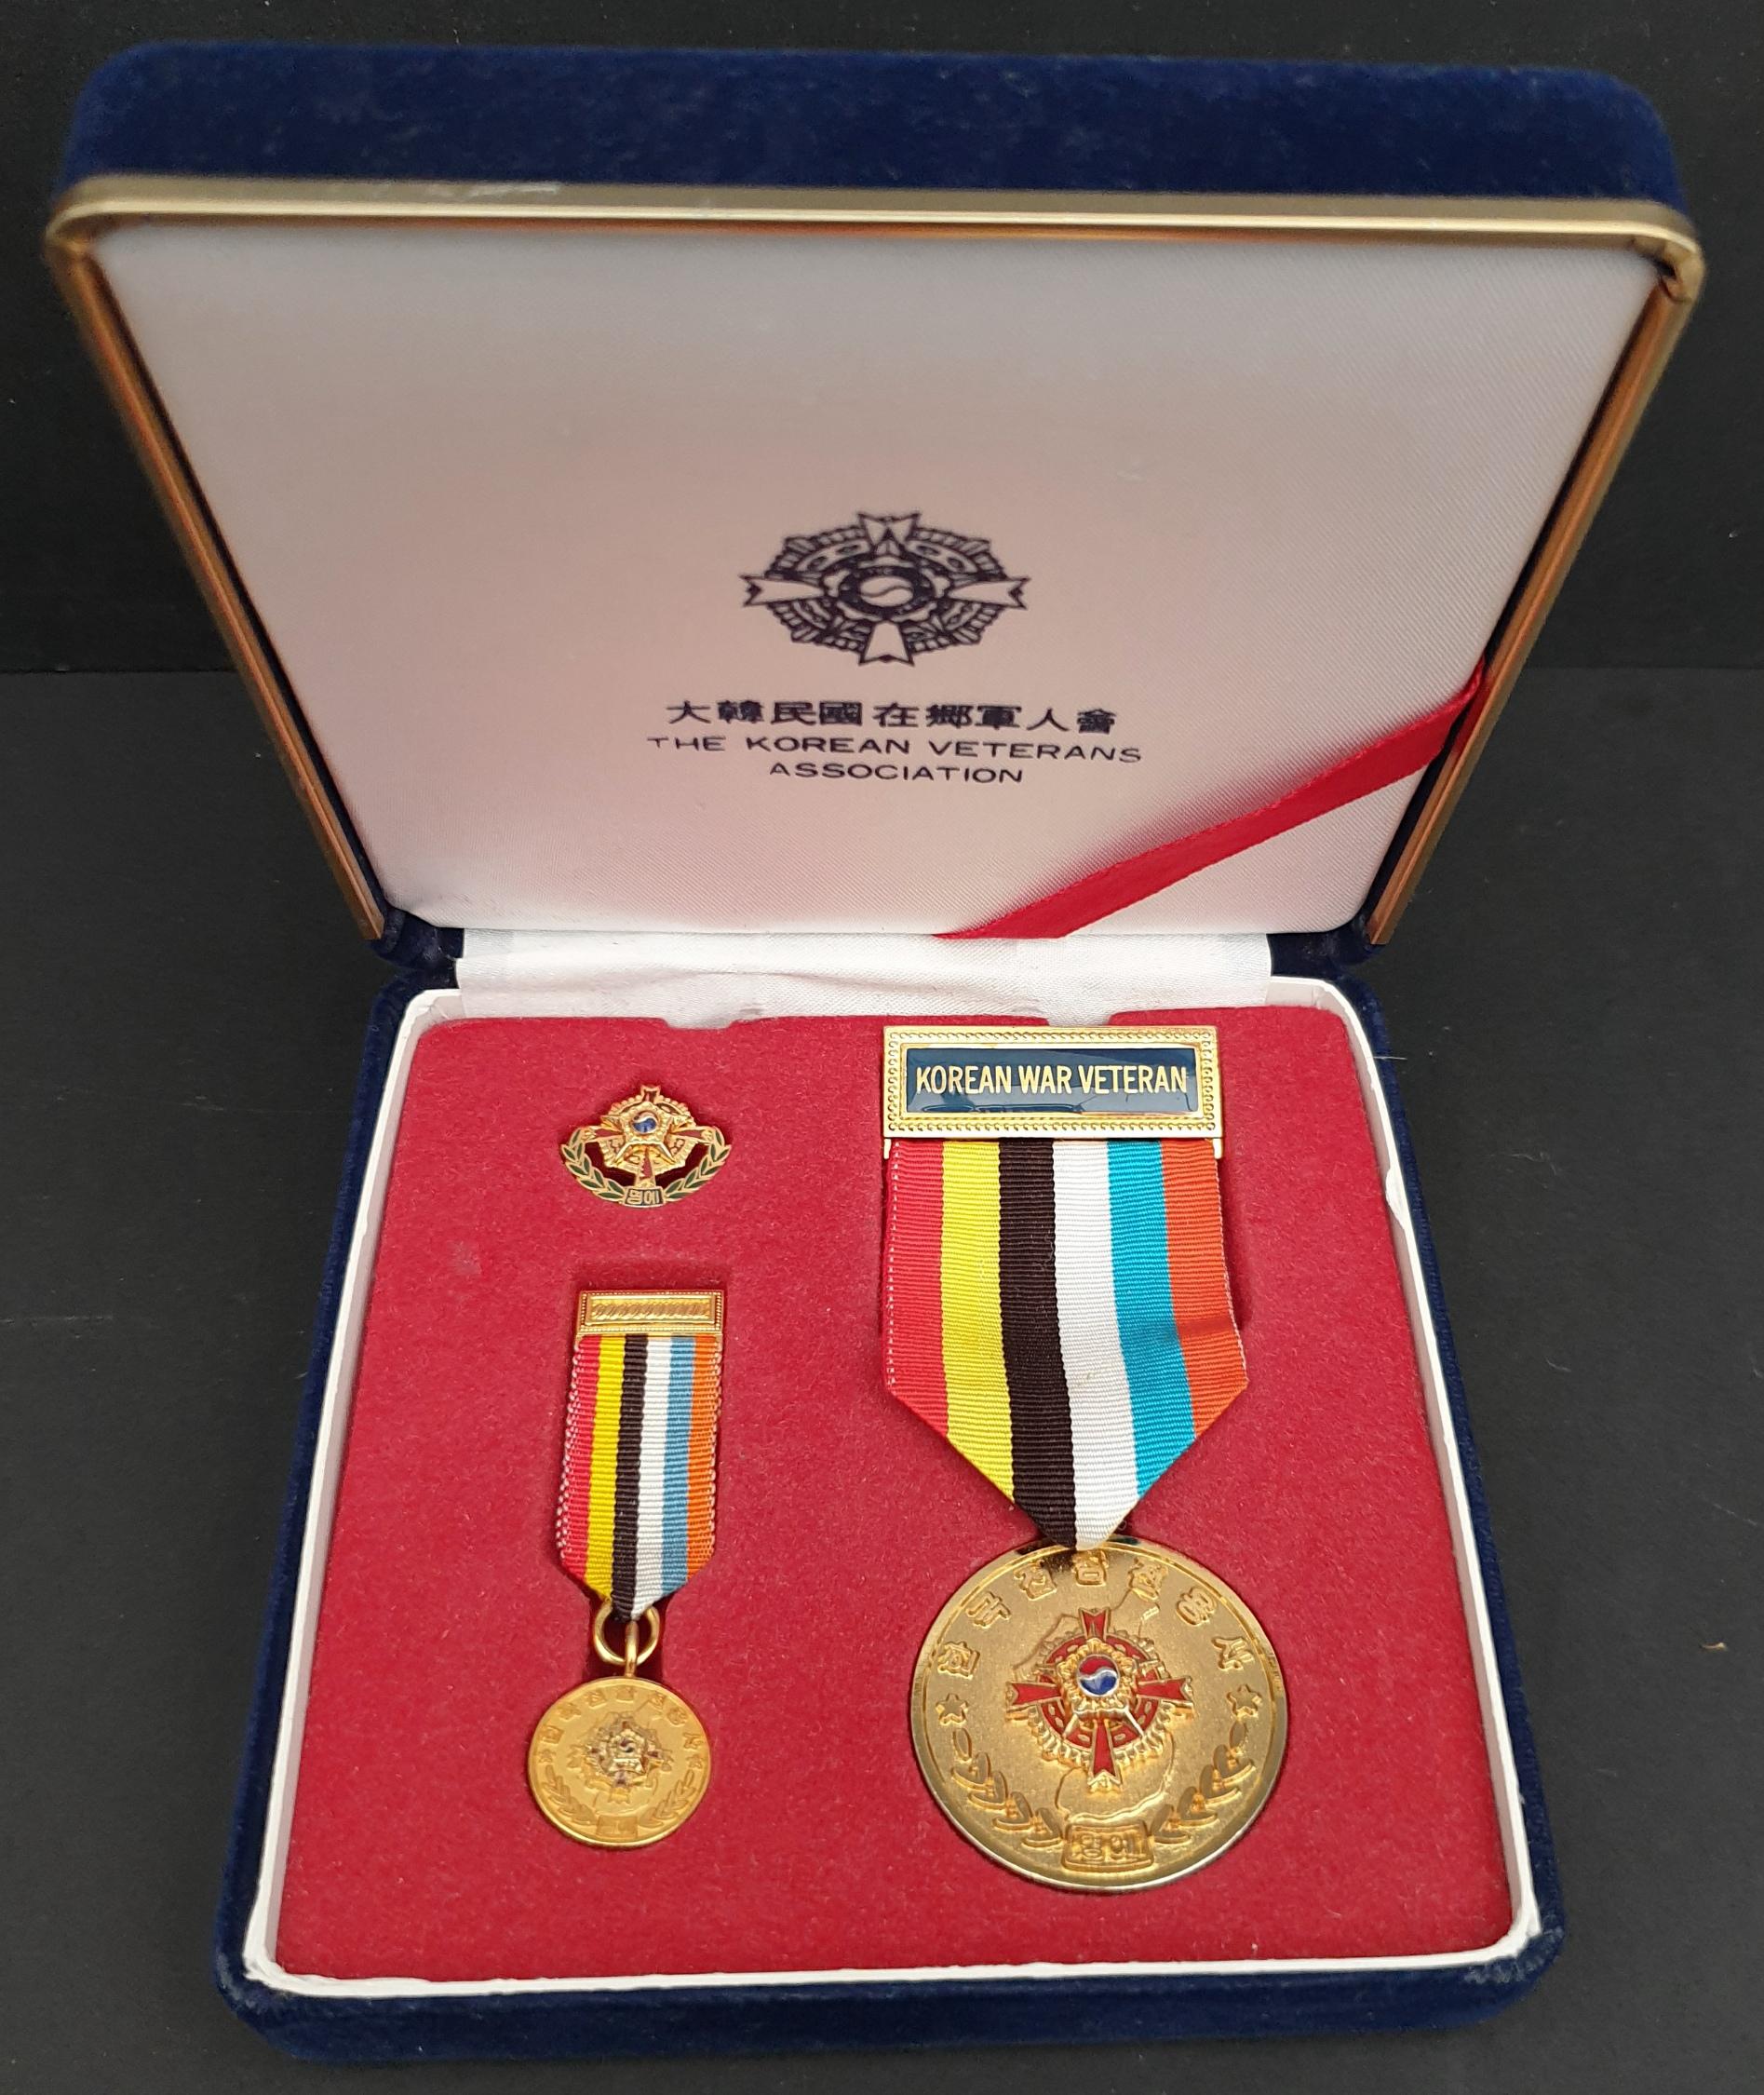 Korean War Veterans Association Presentation Medal Set